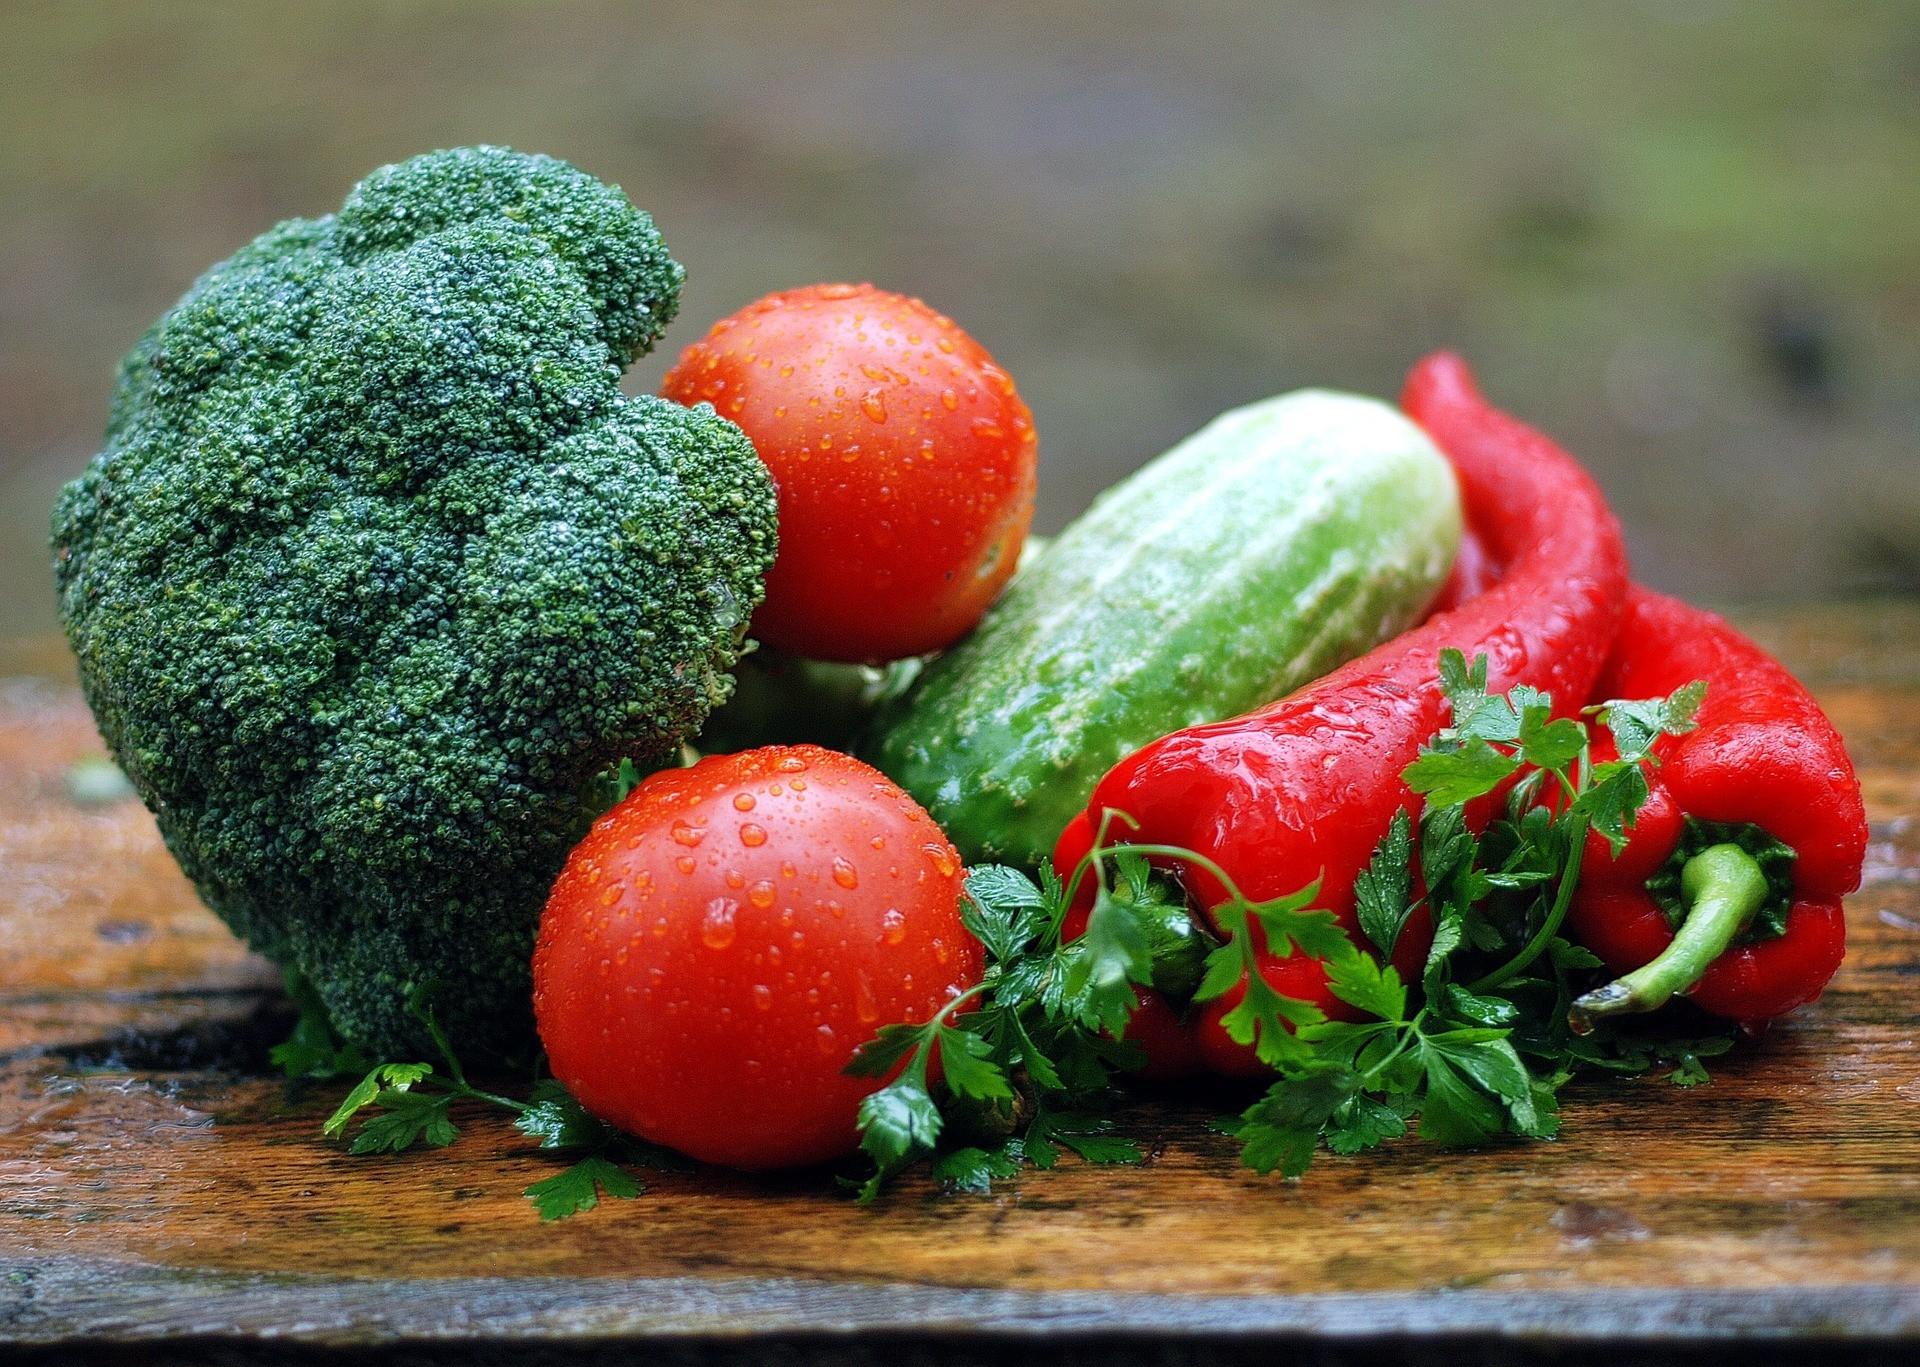 「它根本不是人吃的東西!」這是大腦在面對討厭食物時的內心吶喊——2017搞笑諾貝爾醫學獎